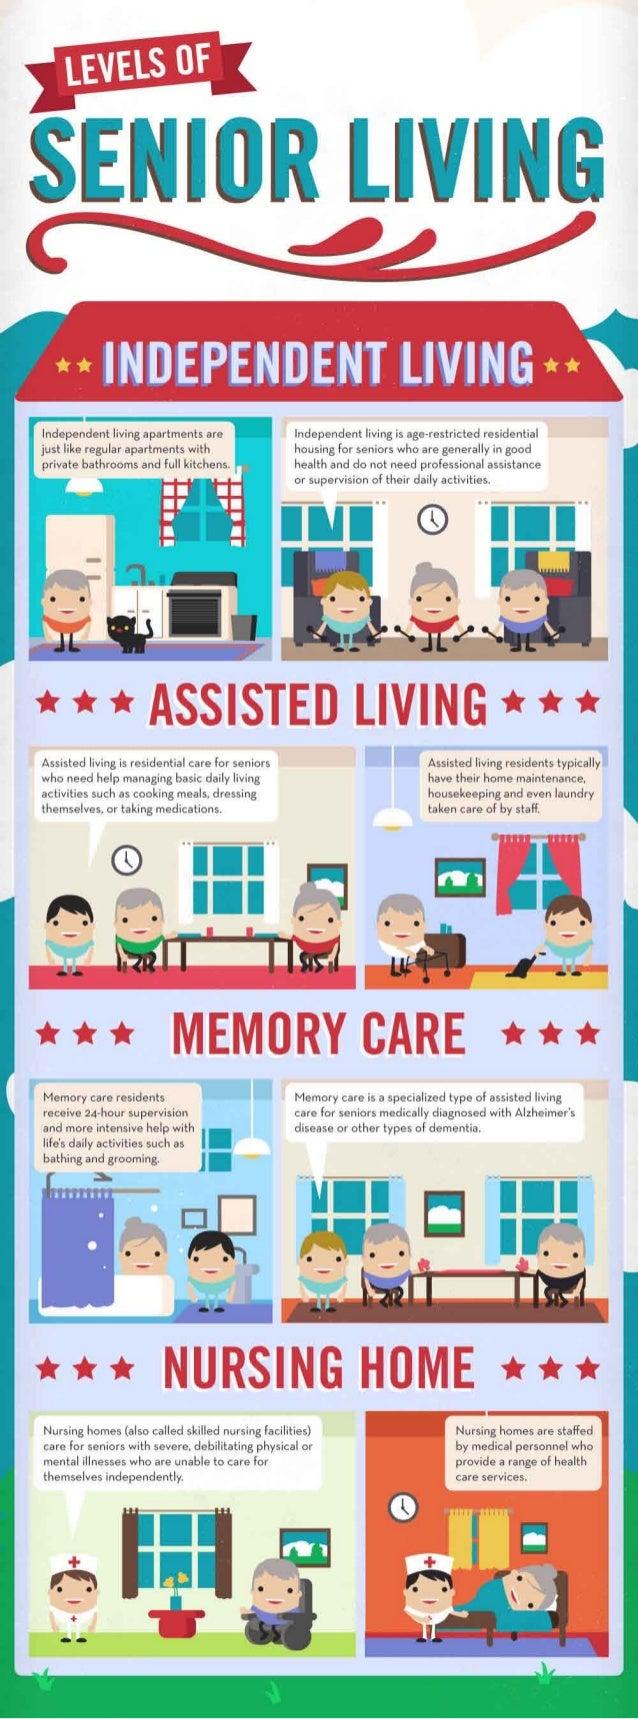 Levels of Senior Living